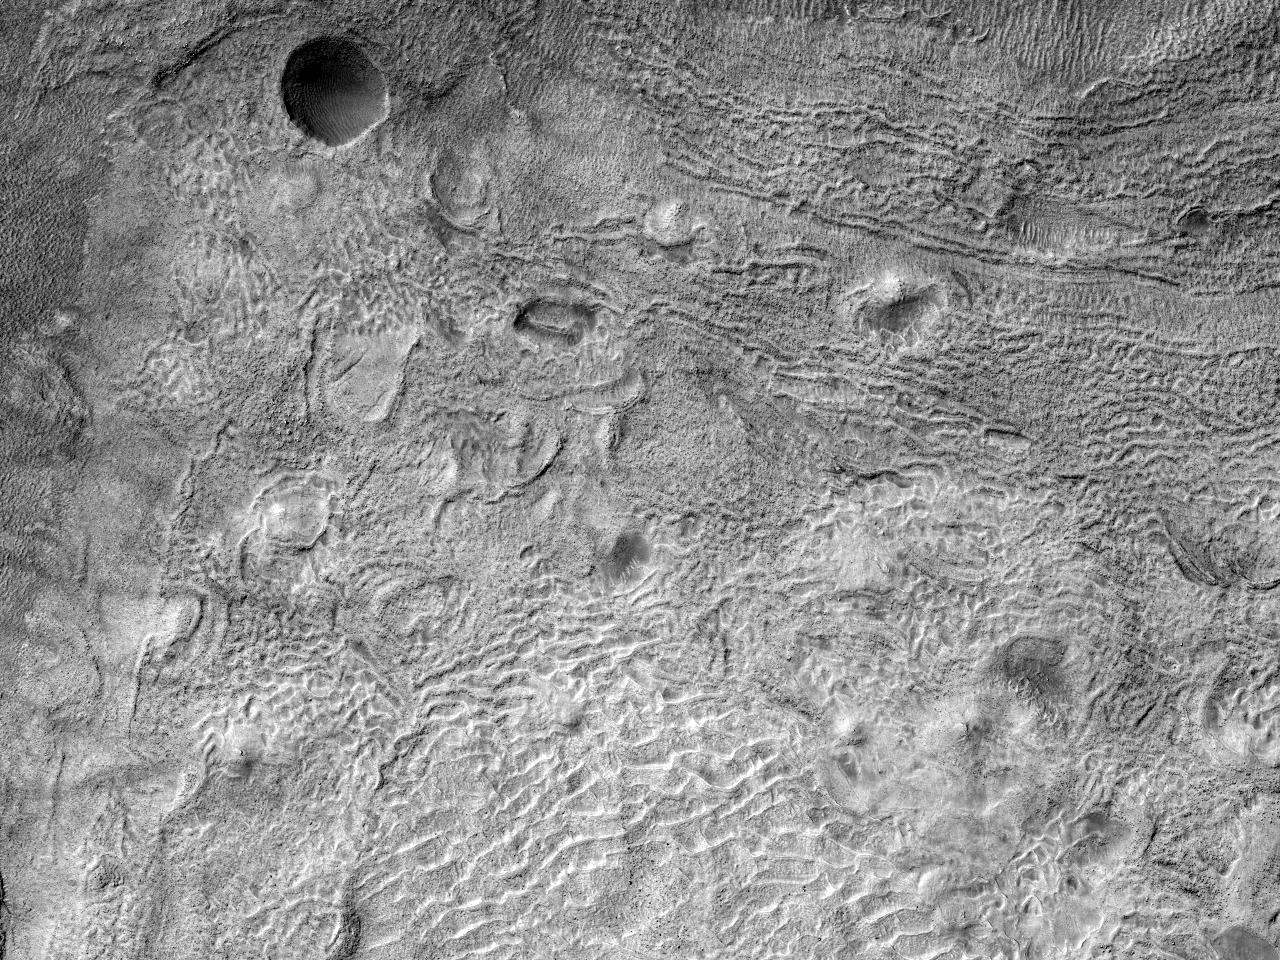 Овраги и дно древнего ударного кратера